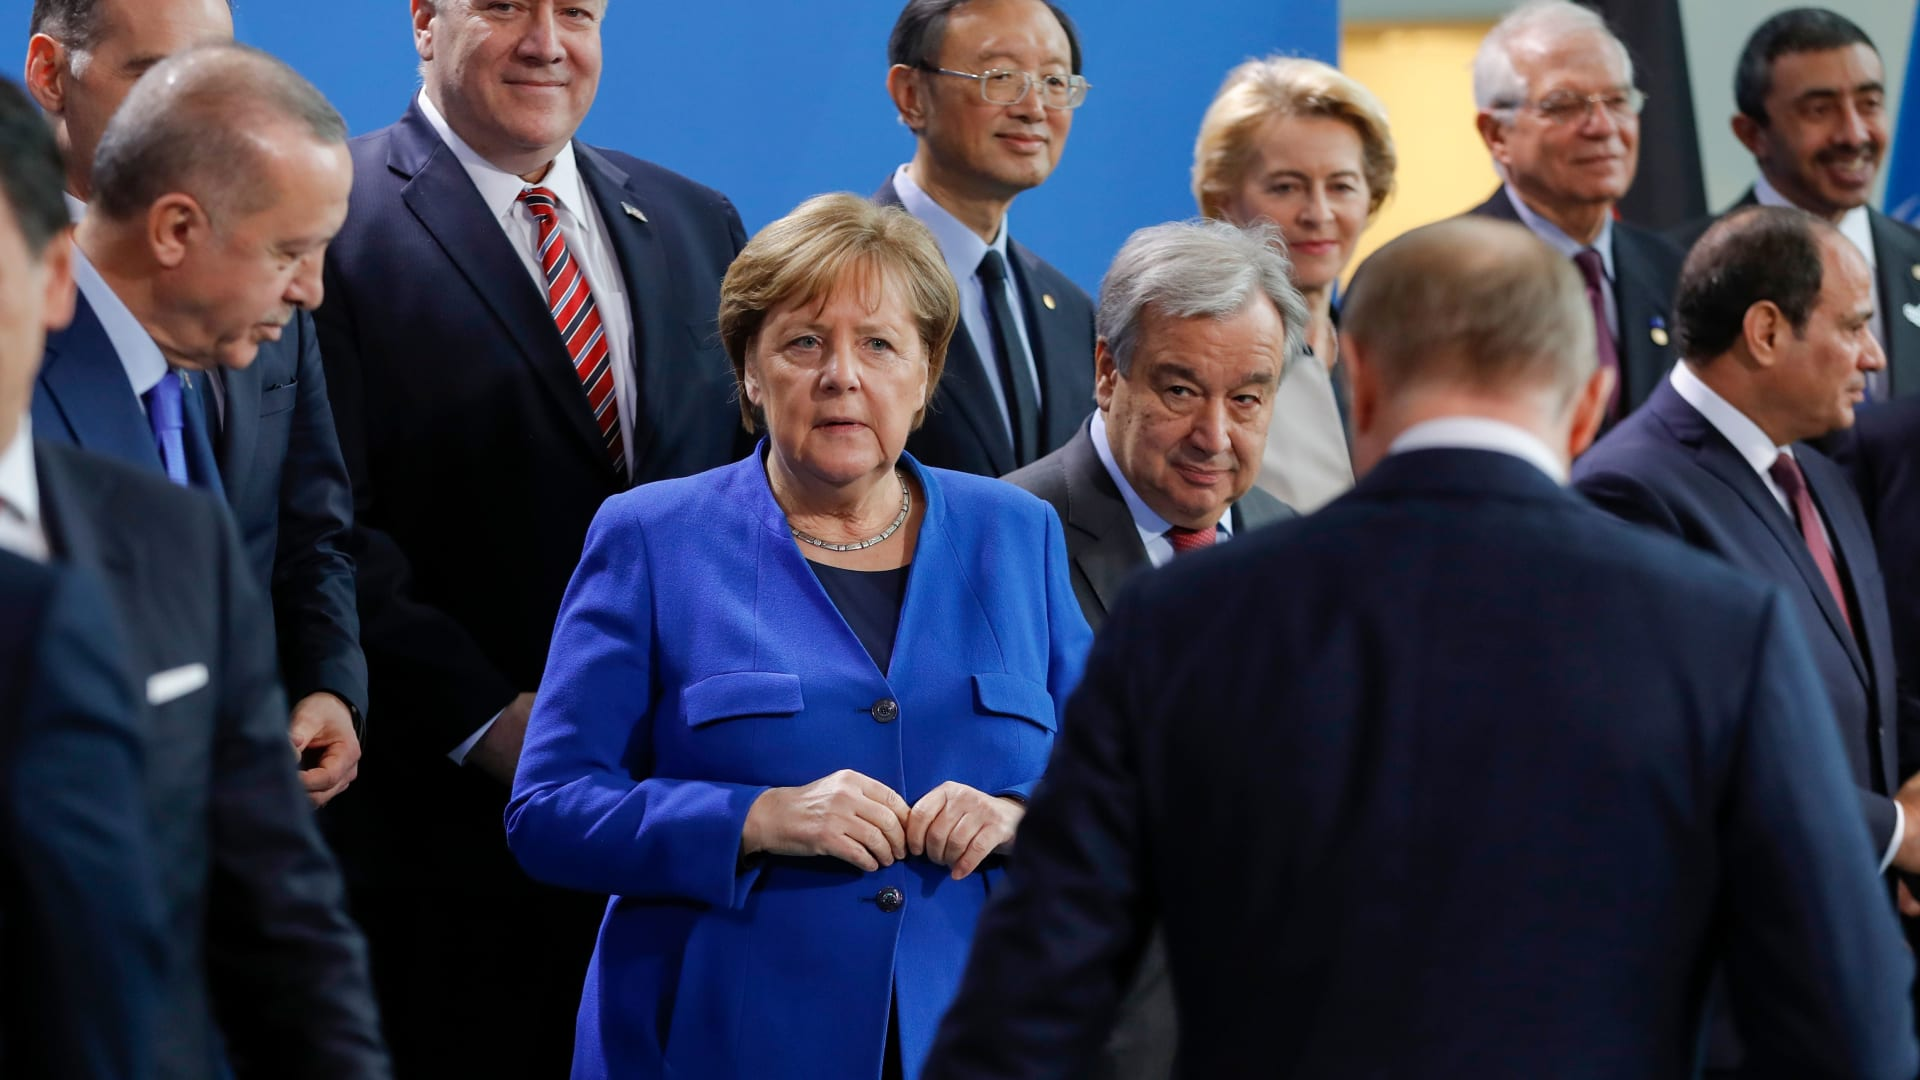 الأمم المتحدة: بعض الدول التي شاركت في مؤتمر برلين لا تزال تورد السلاح إلى ليبيا